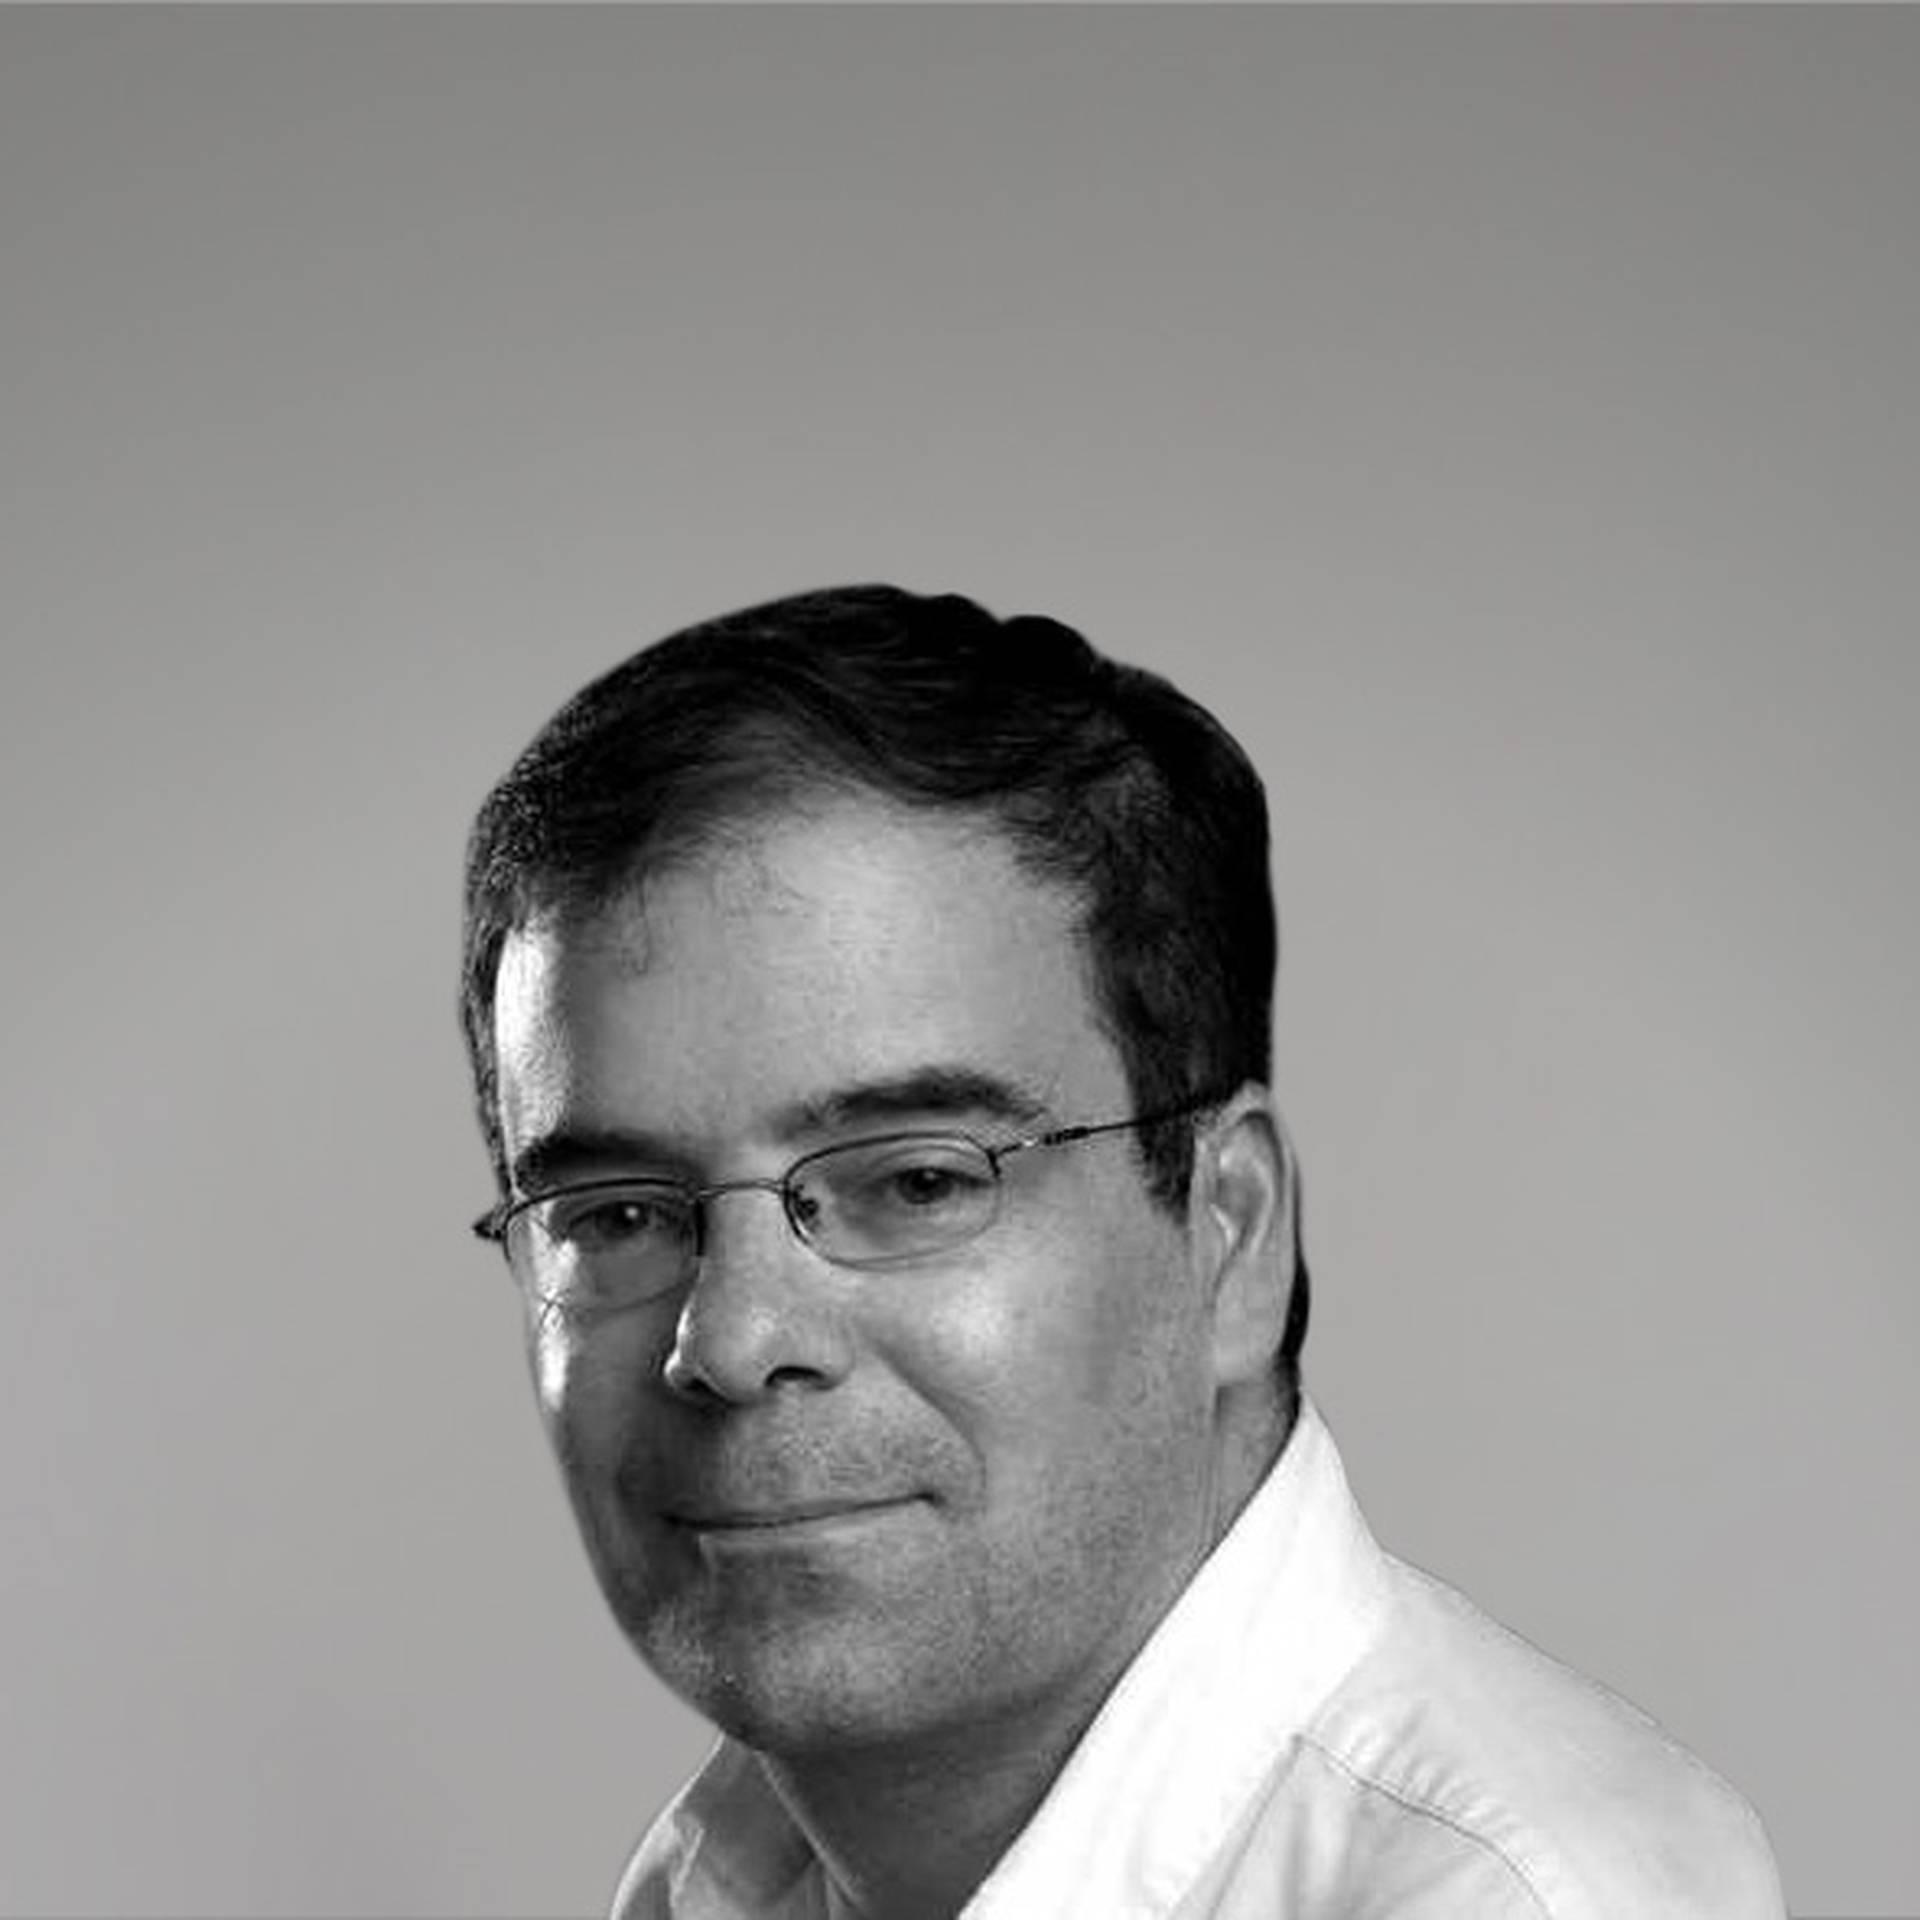 Alfonso Cuellar